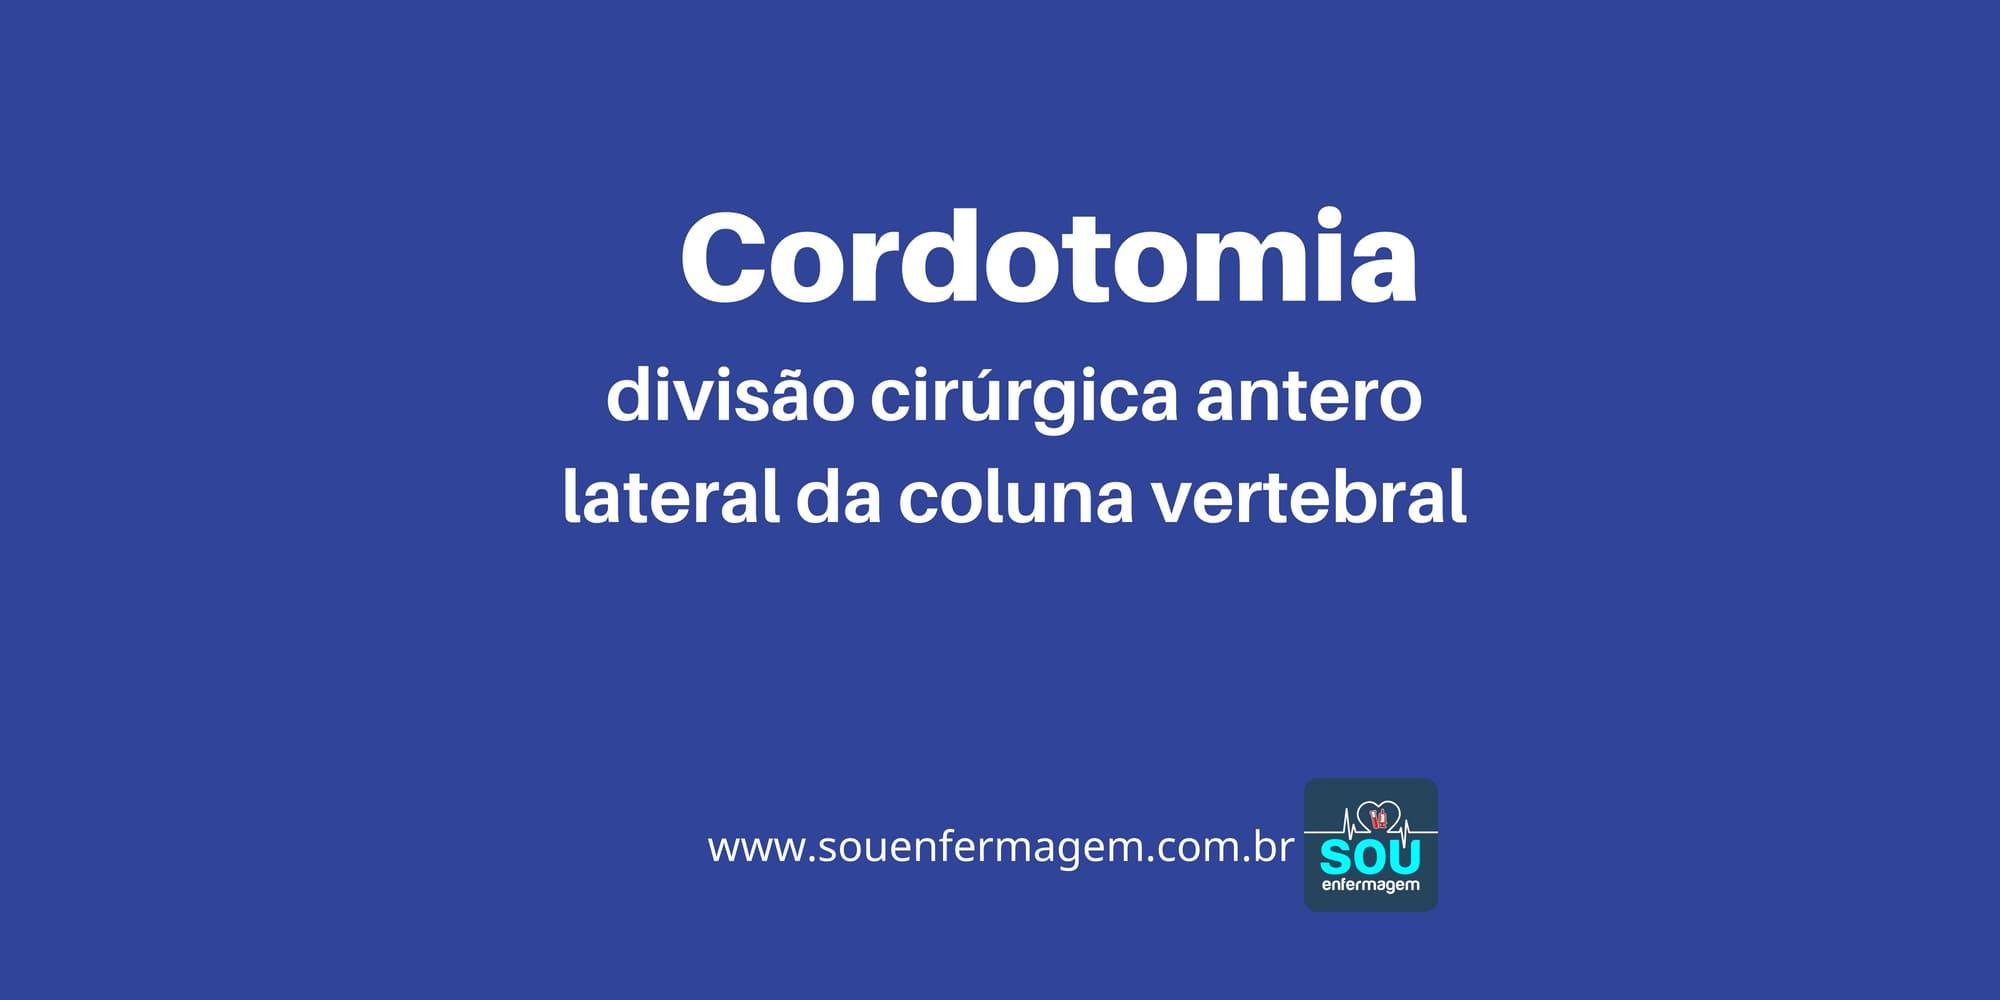 Cordotomia